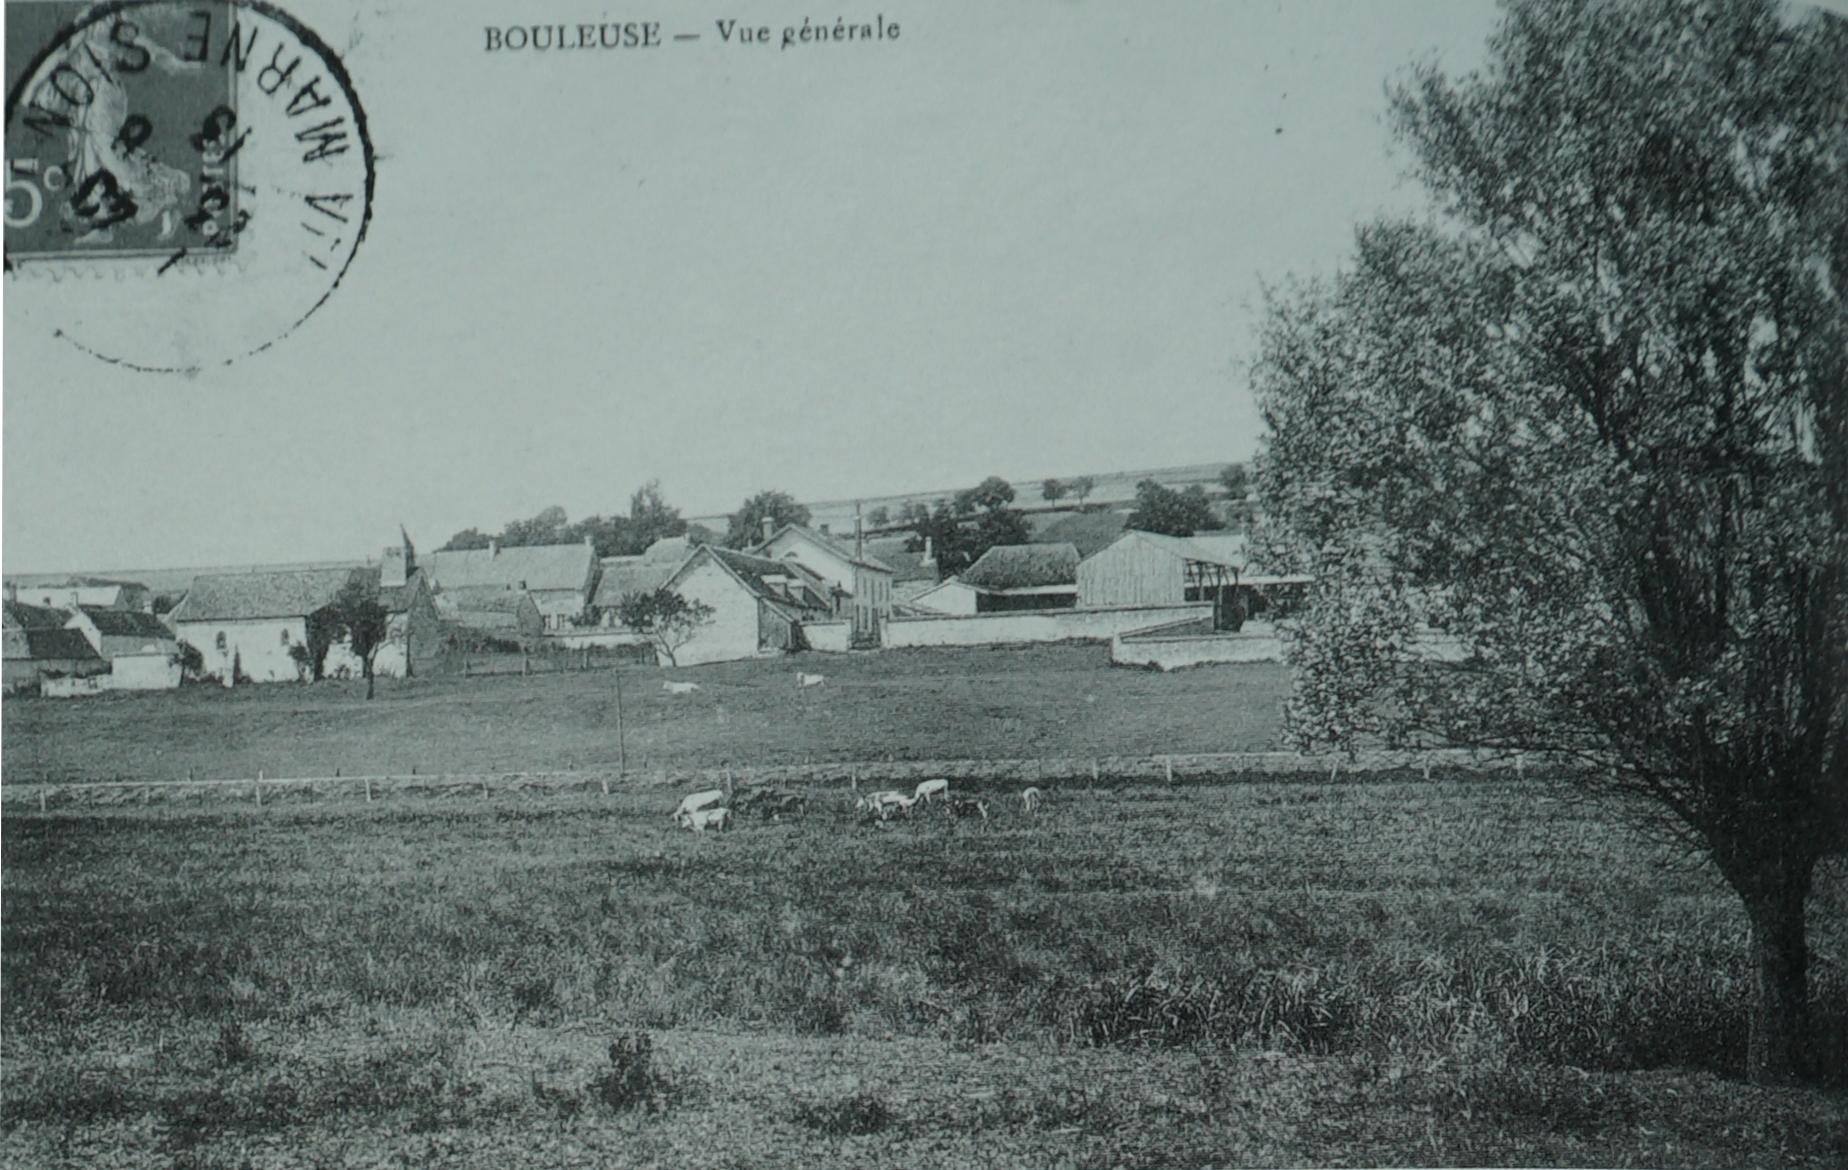 Bouleuse